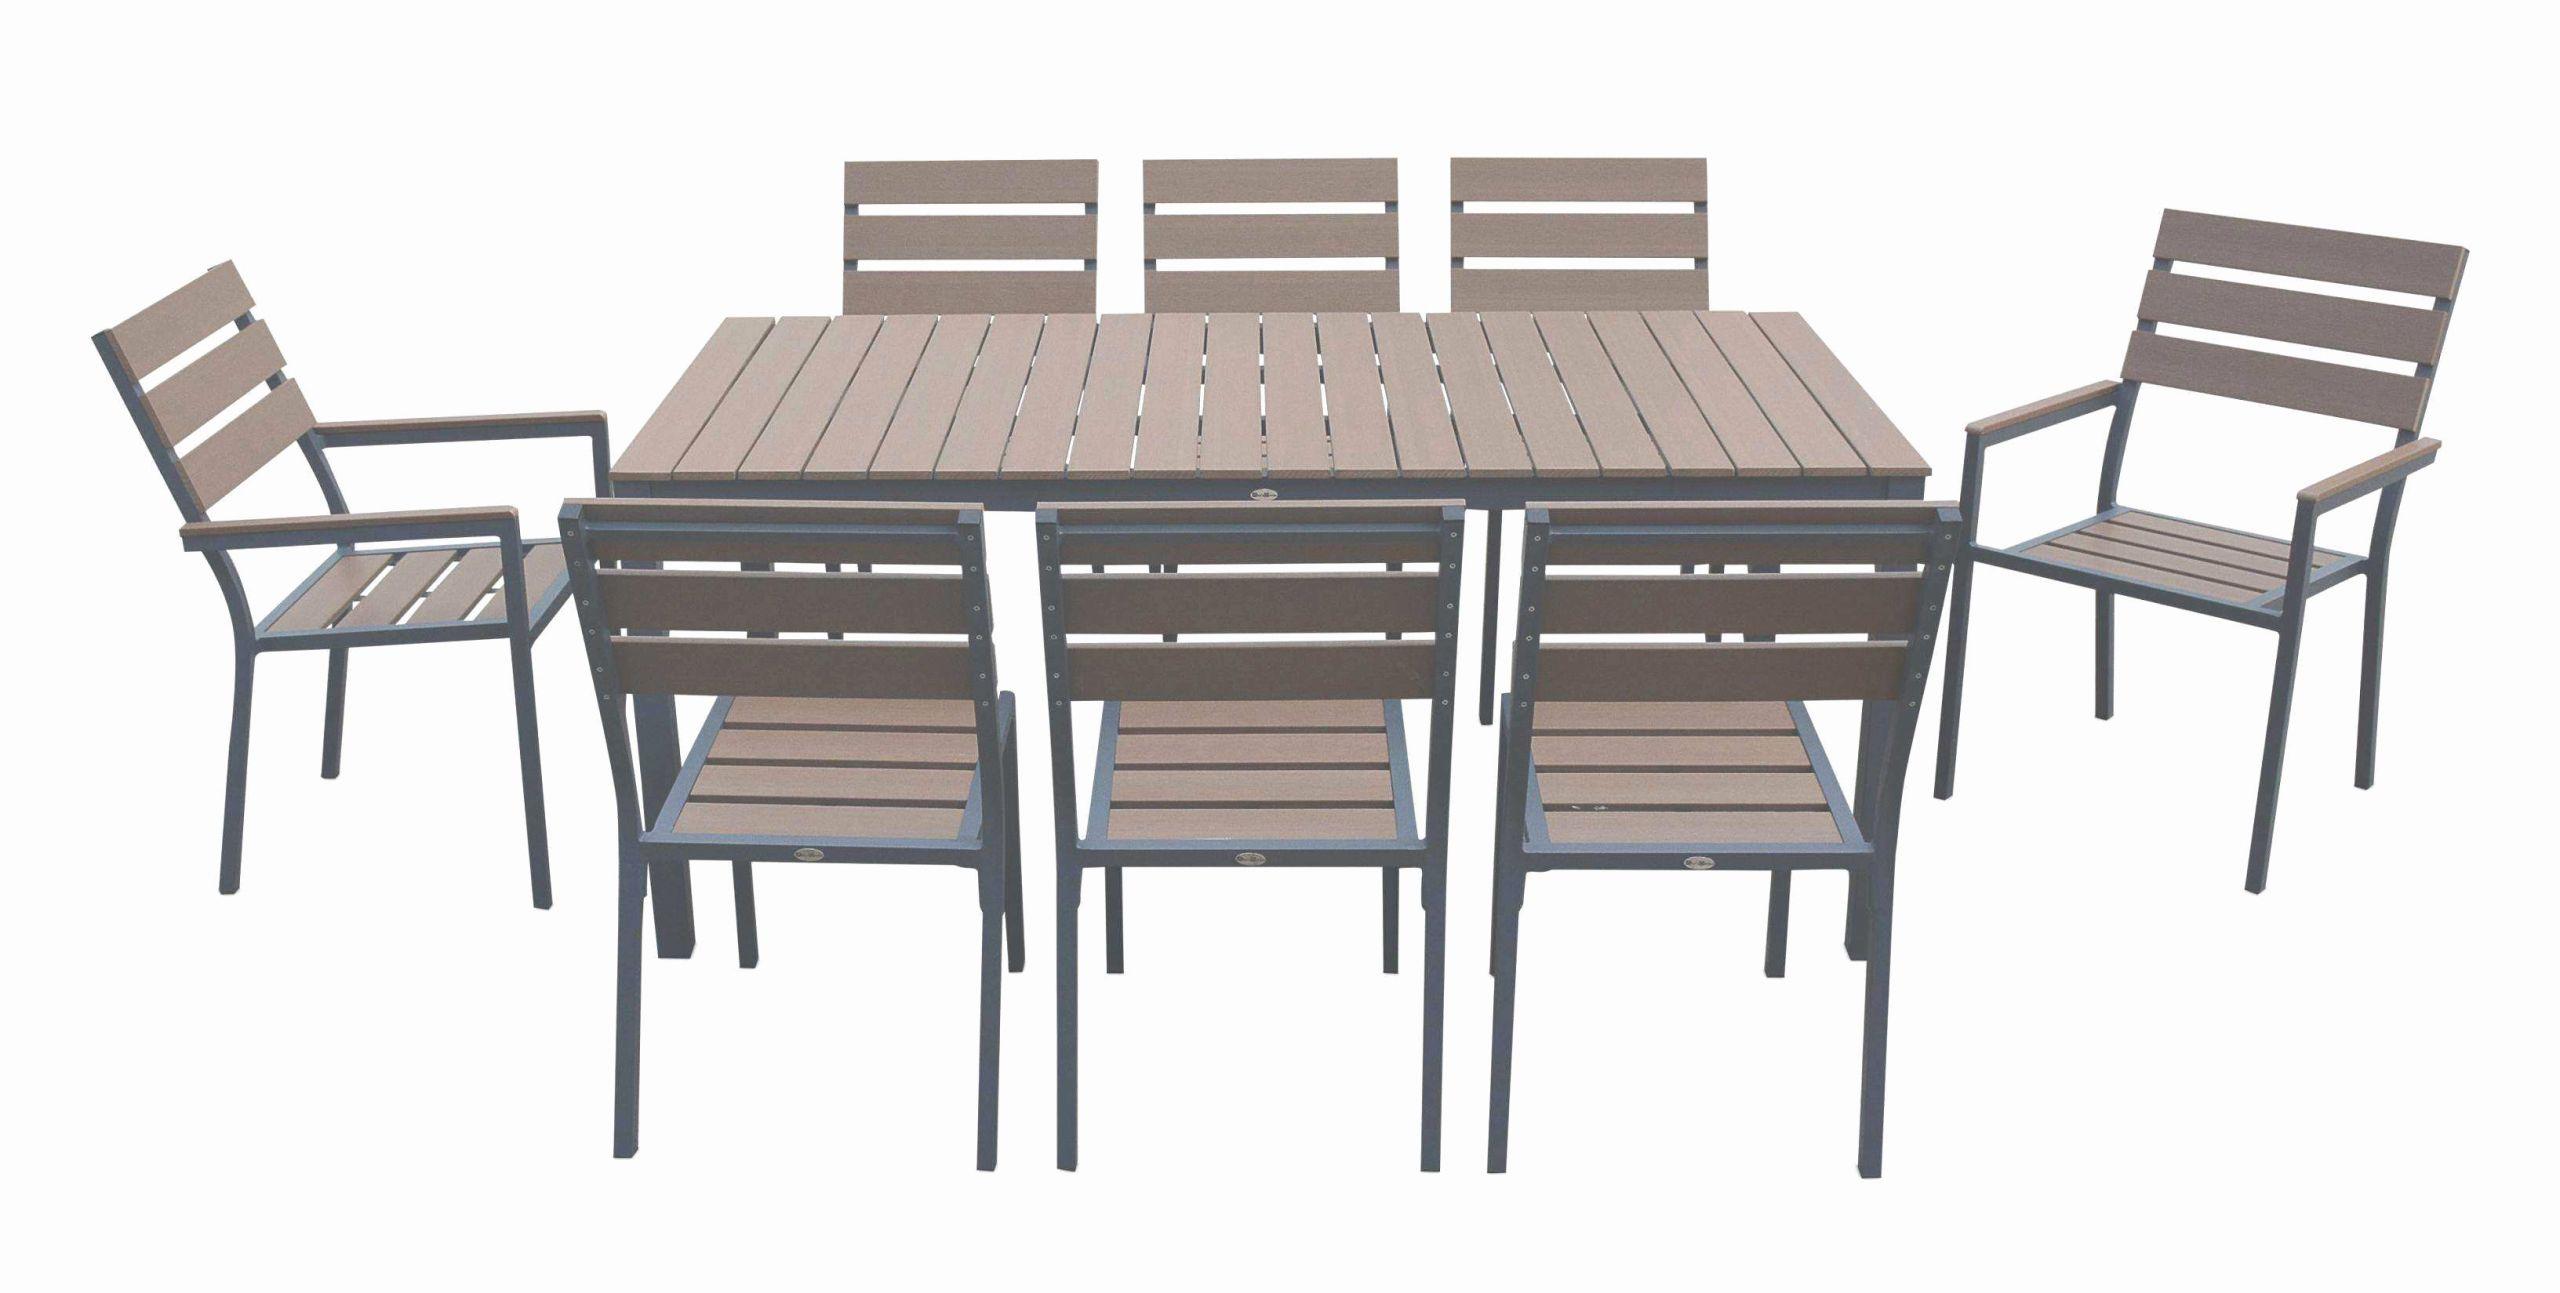 castorama meuble jardin frais meuble de jardin castorama salon de jardin en rotin sulana salon de of castorama meuble jardin